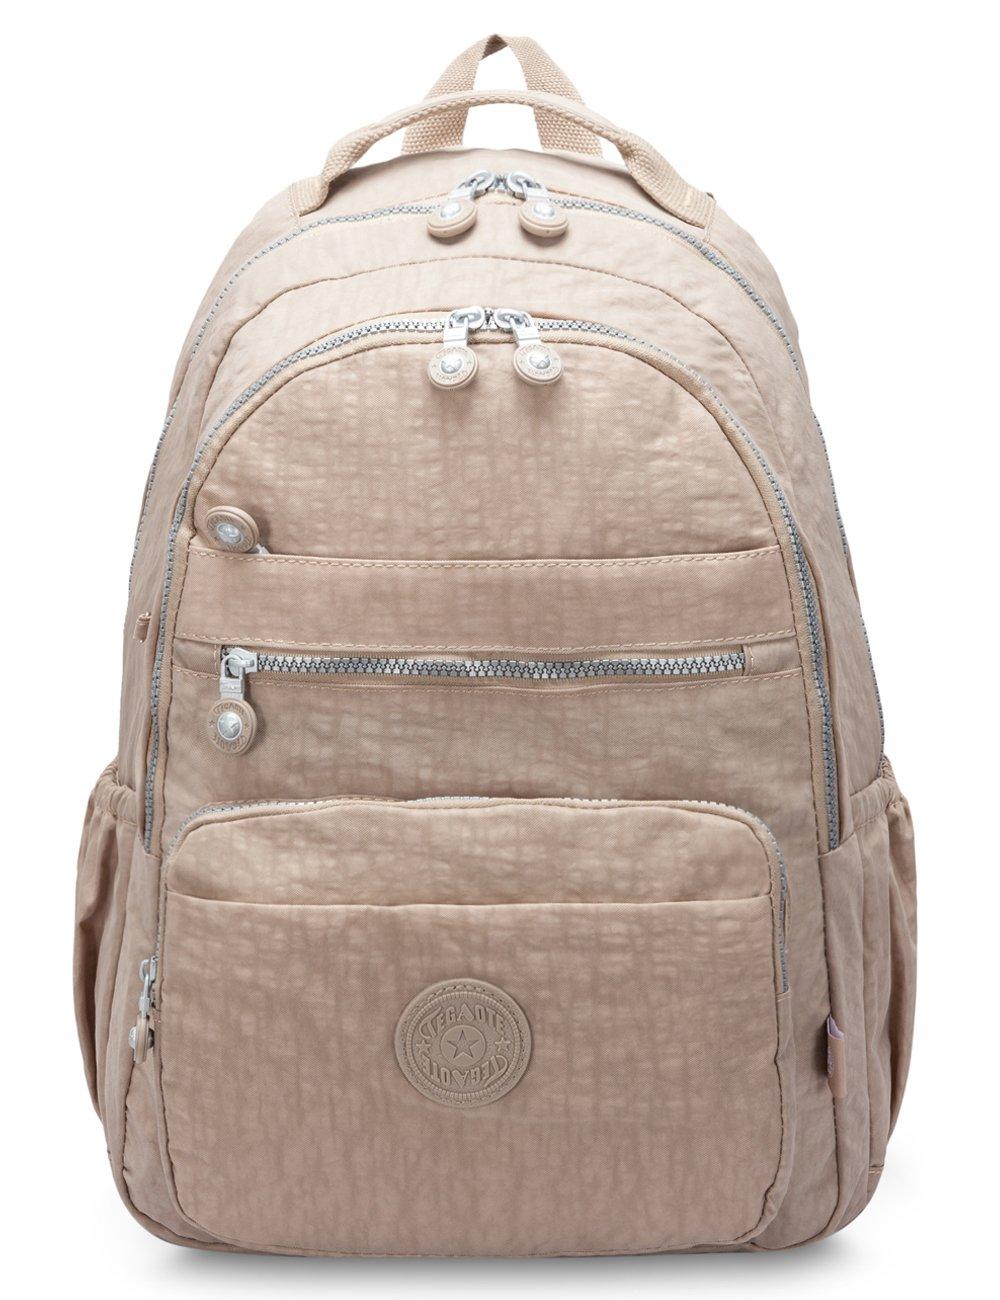 free shipping Oakarbo Backpack Medium Multi-Pocket School Bag Nylon Travel  Daypack(1604 Desert 6fb83aab714ab